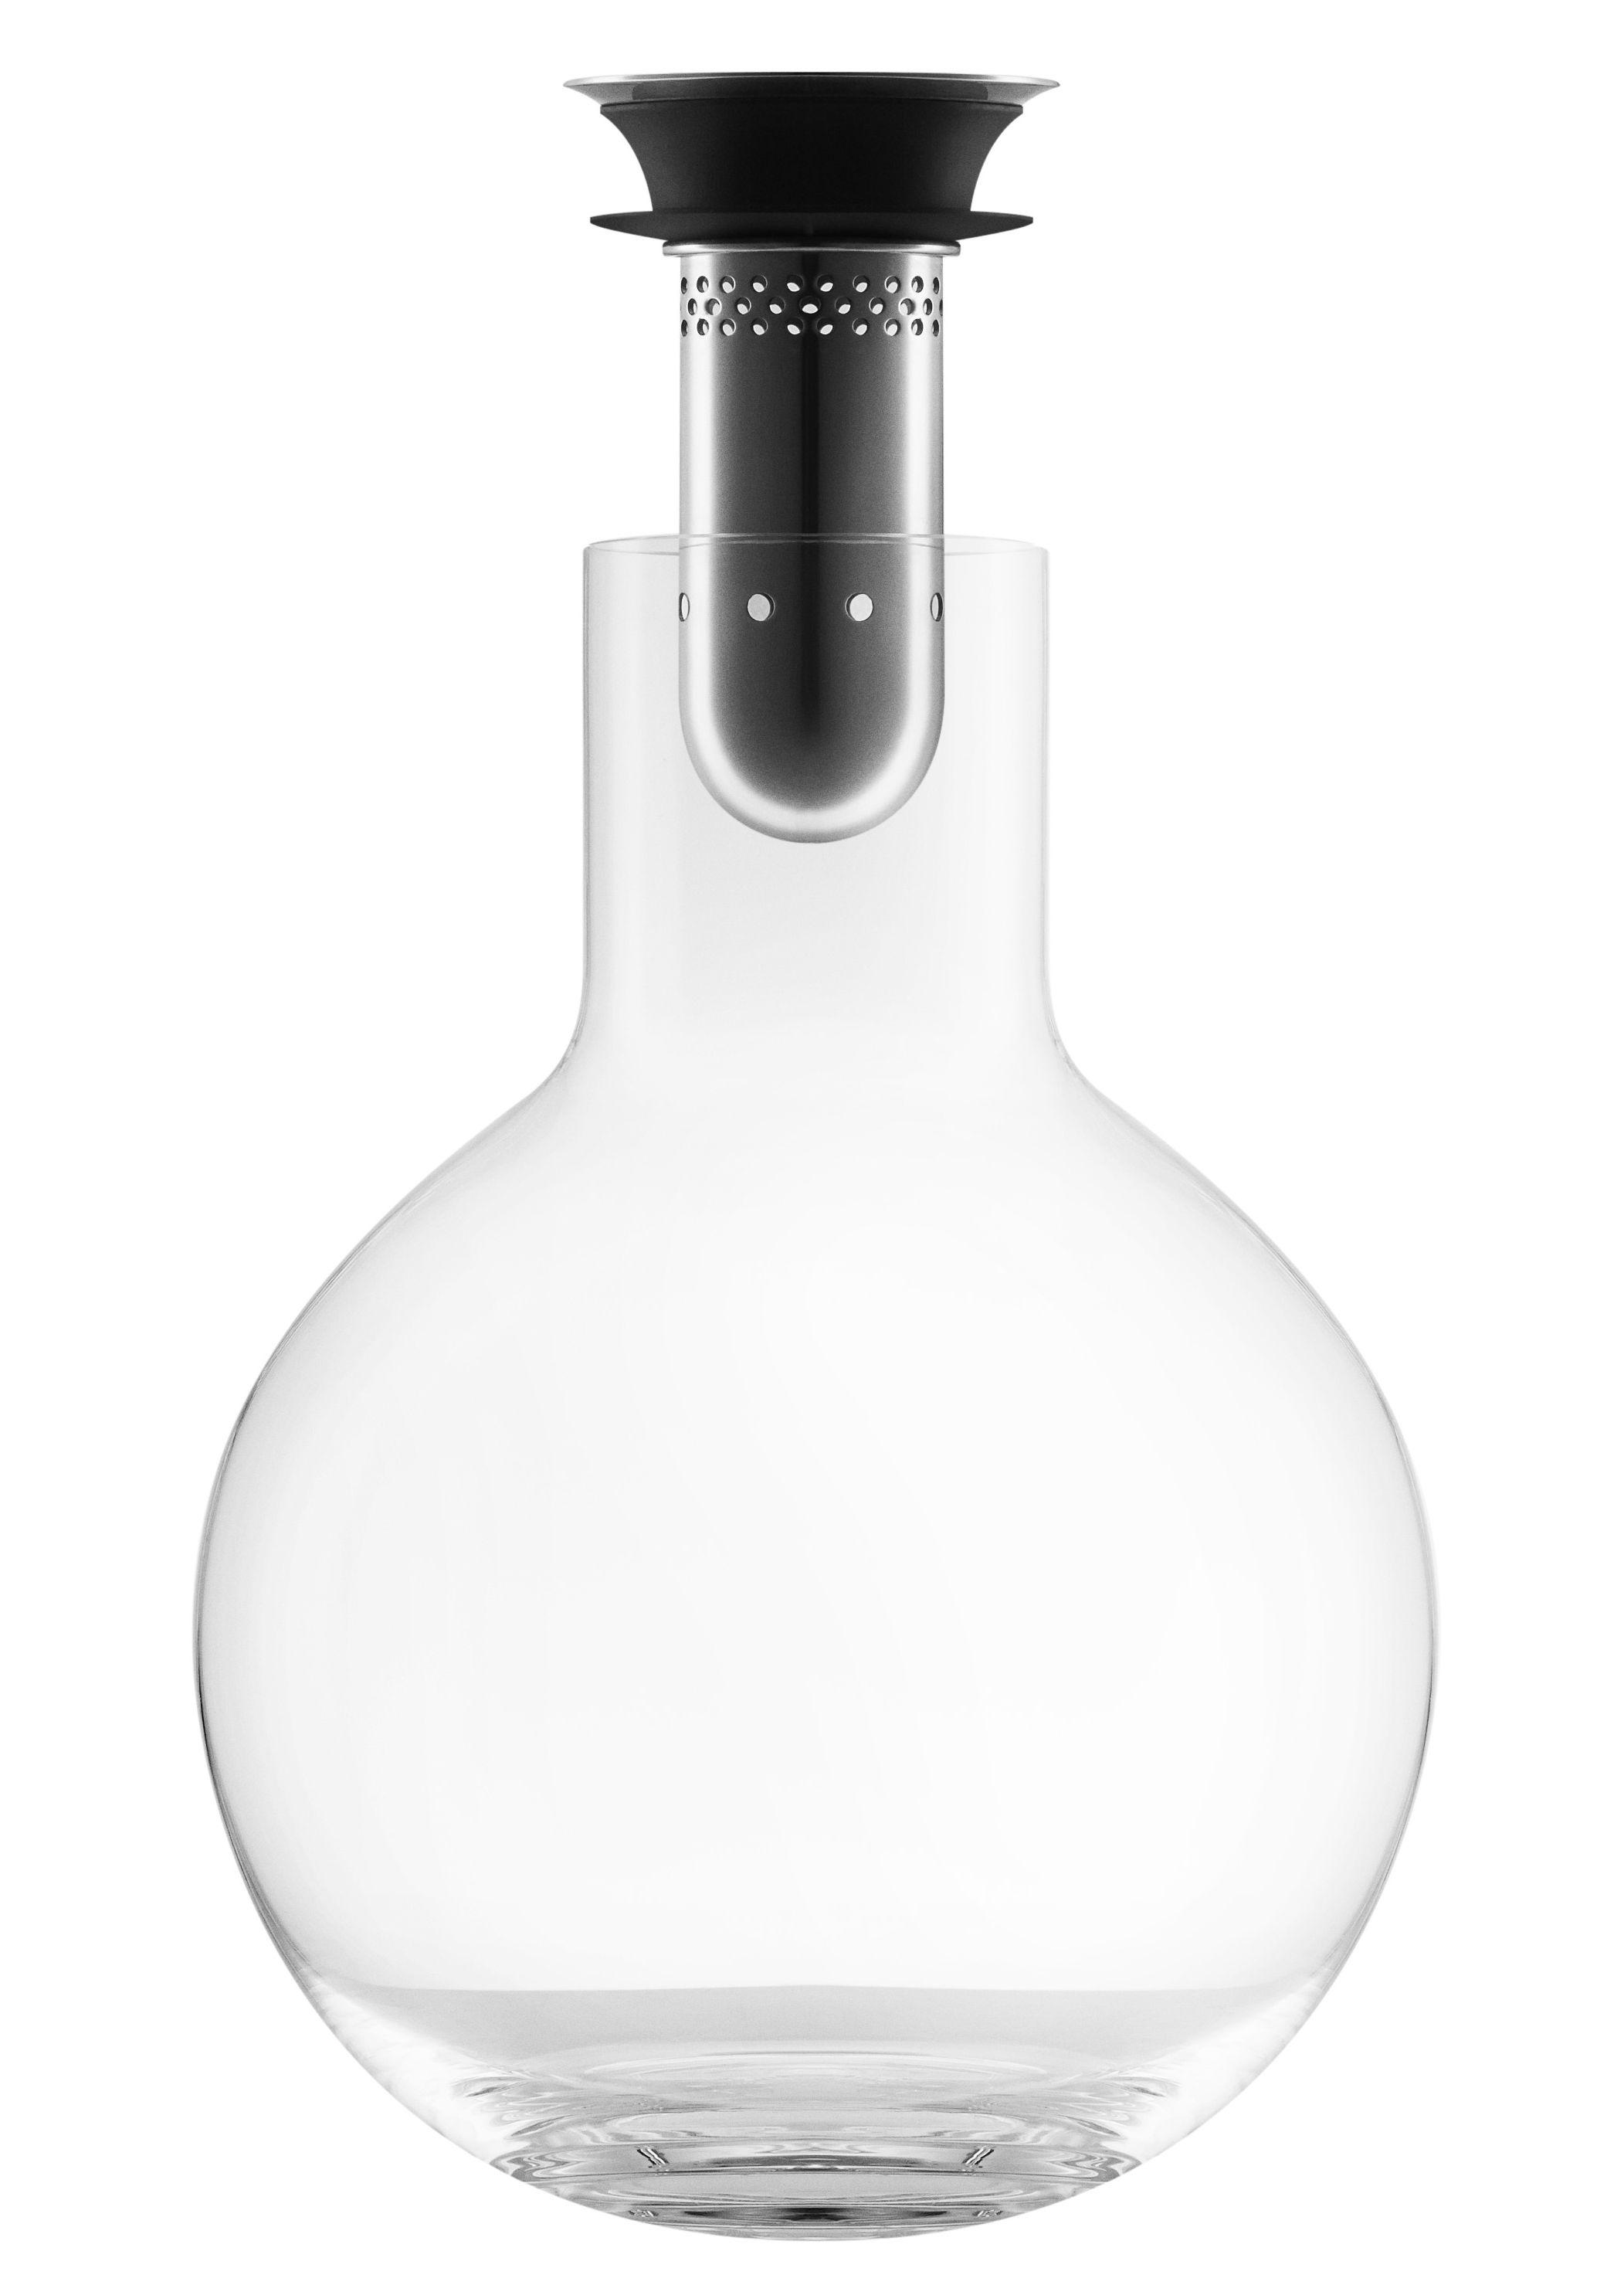 Tischkultur - Karaffen - Dekantierer 0,75 l / Weinbelüfter - Eva Solo - Transparent - mundgeblasenes Glas, rostfreier Stahl, Silikon